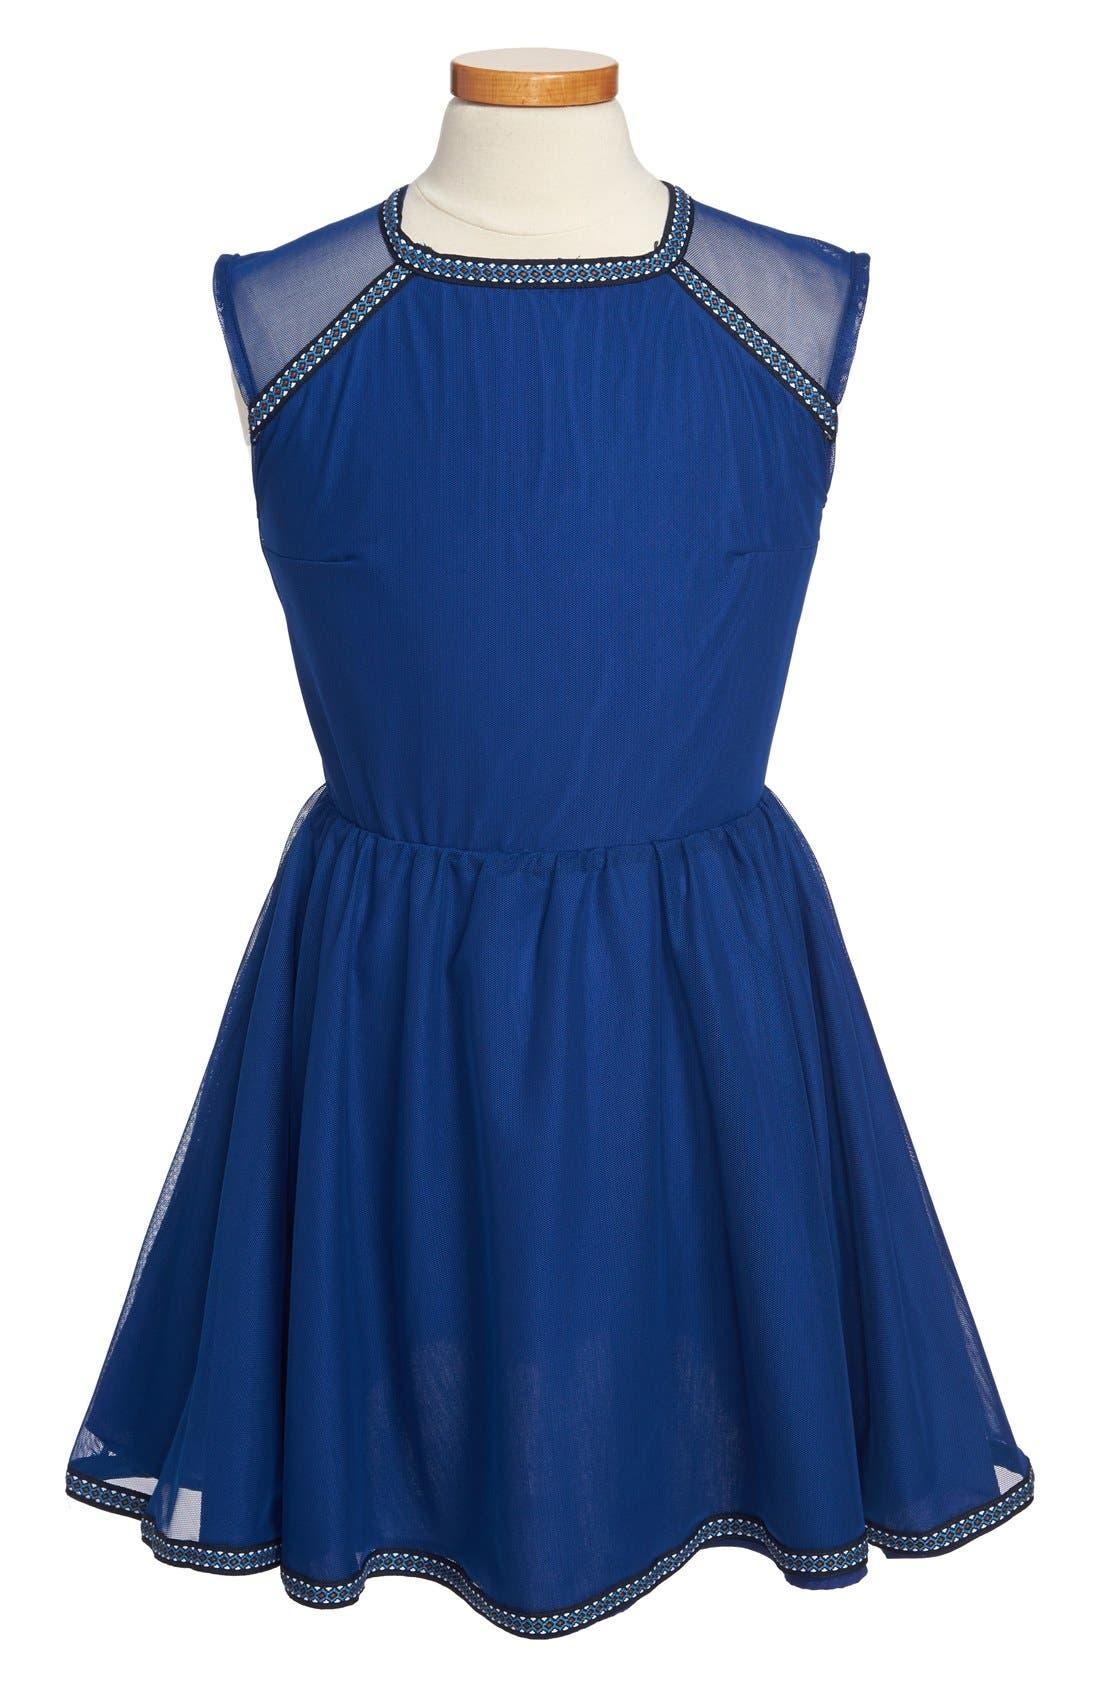 Alternate Image 1 Selected - Miss Behave 'Emma' Ribbon Trimmed Illusion Skater Dress (Big Girls)